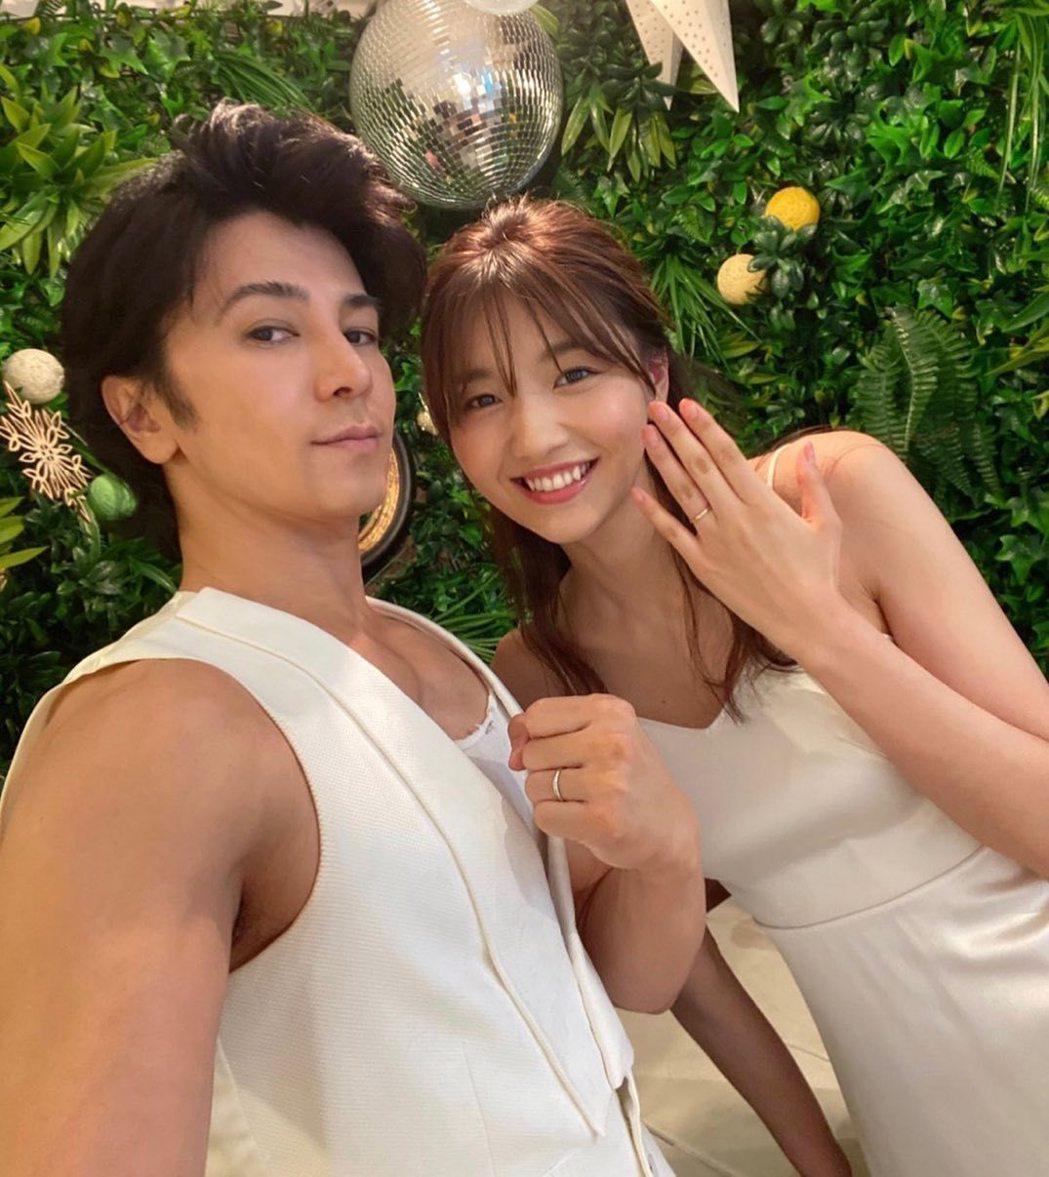 47歲武田真治娶小22歲女模靜麻。圖/擷自IG